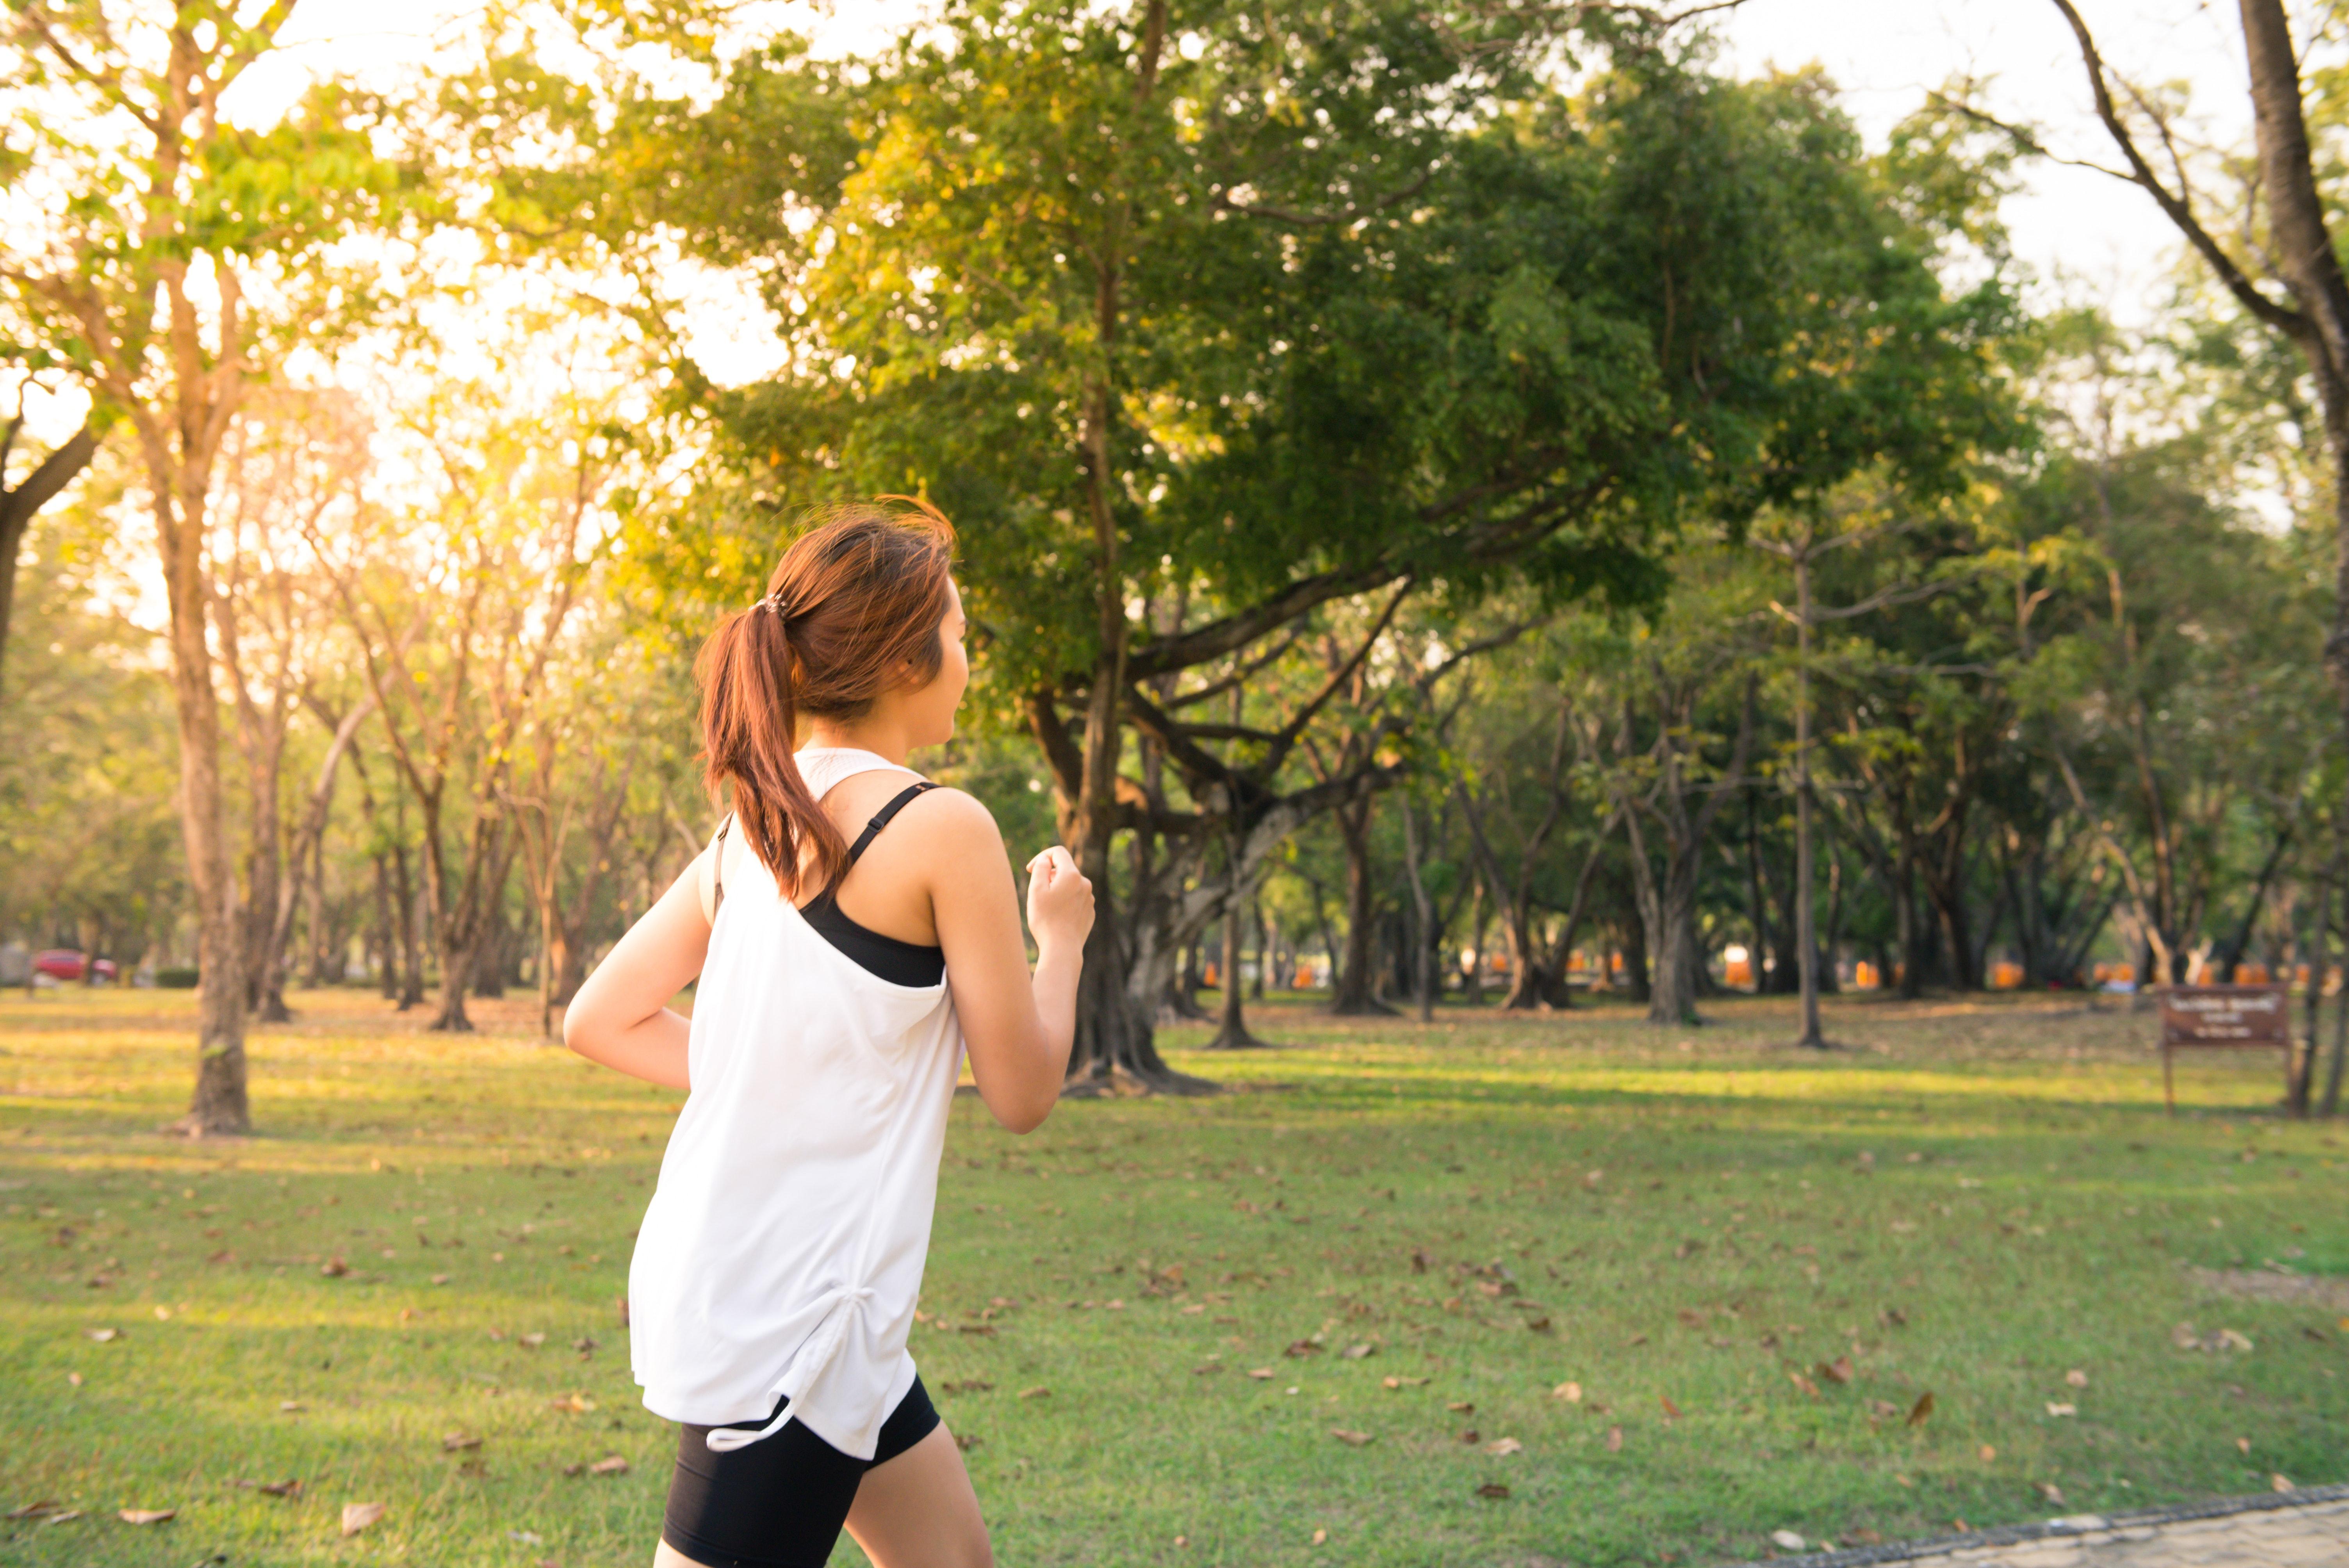 長時間的跑步對身體其實也算不小的負擔,加上有些人平常沒有運動習慣,有時心血來潮報名參加,沒有想到自己的體能是否能負荷造成運動傷害,根據資料顯示,每年有高達 75 % 的人因為跑步而受傷。